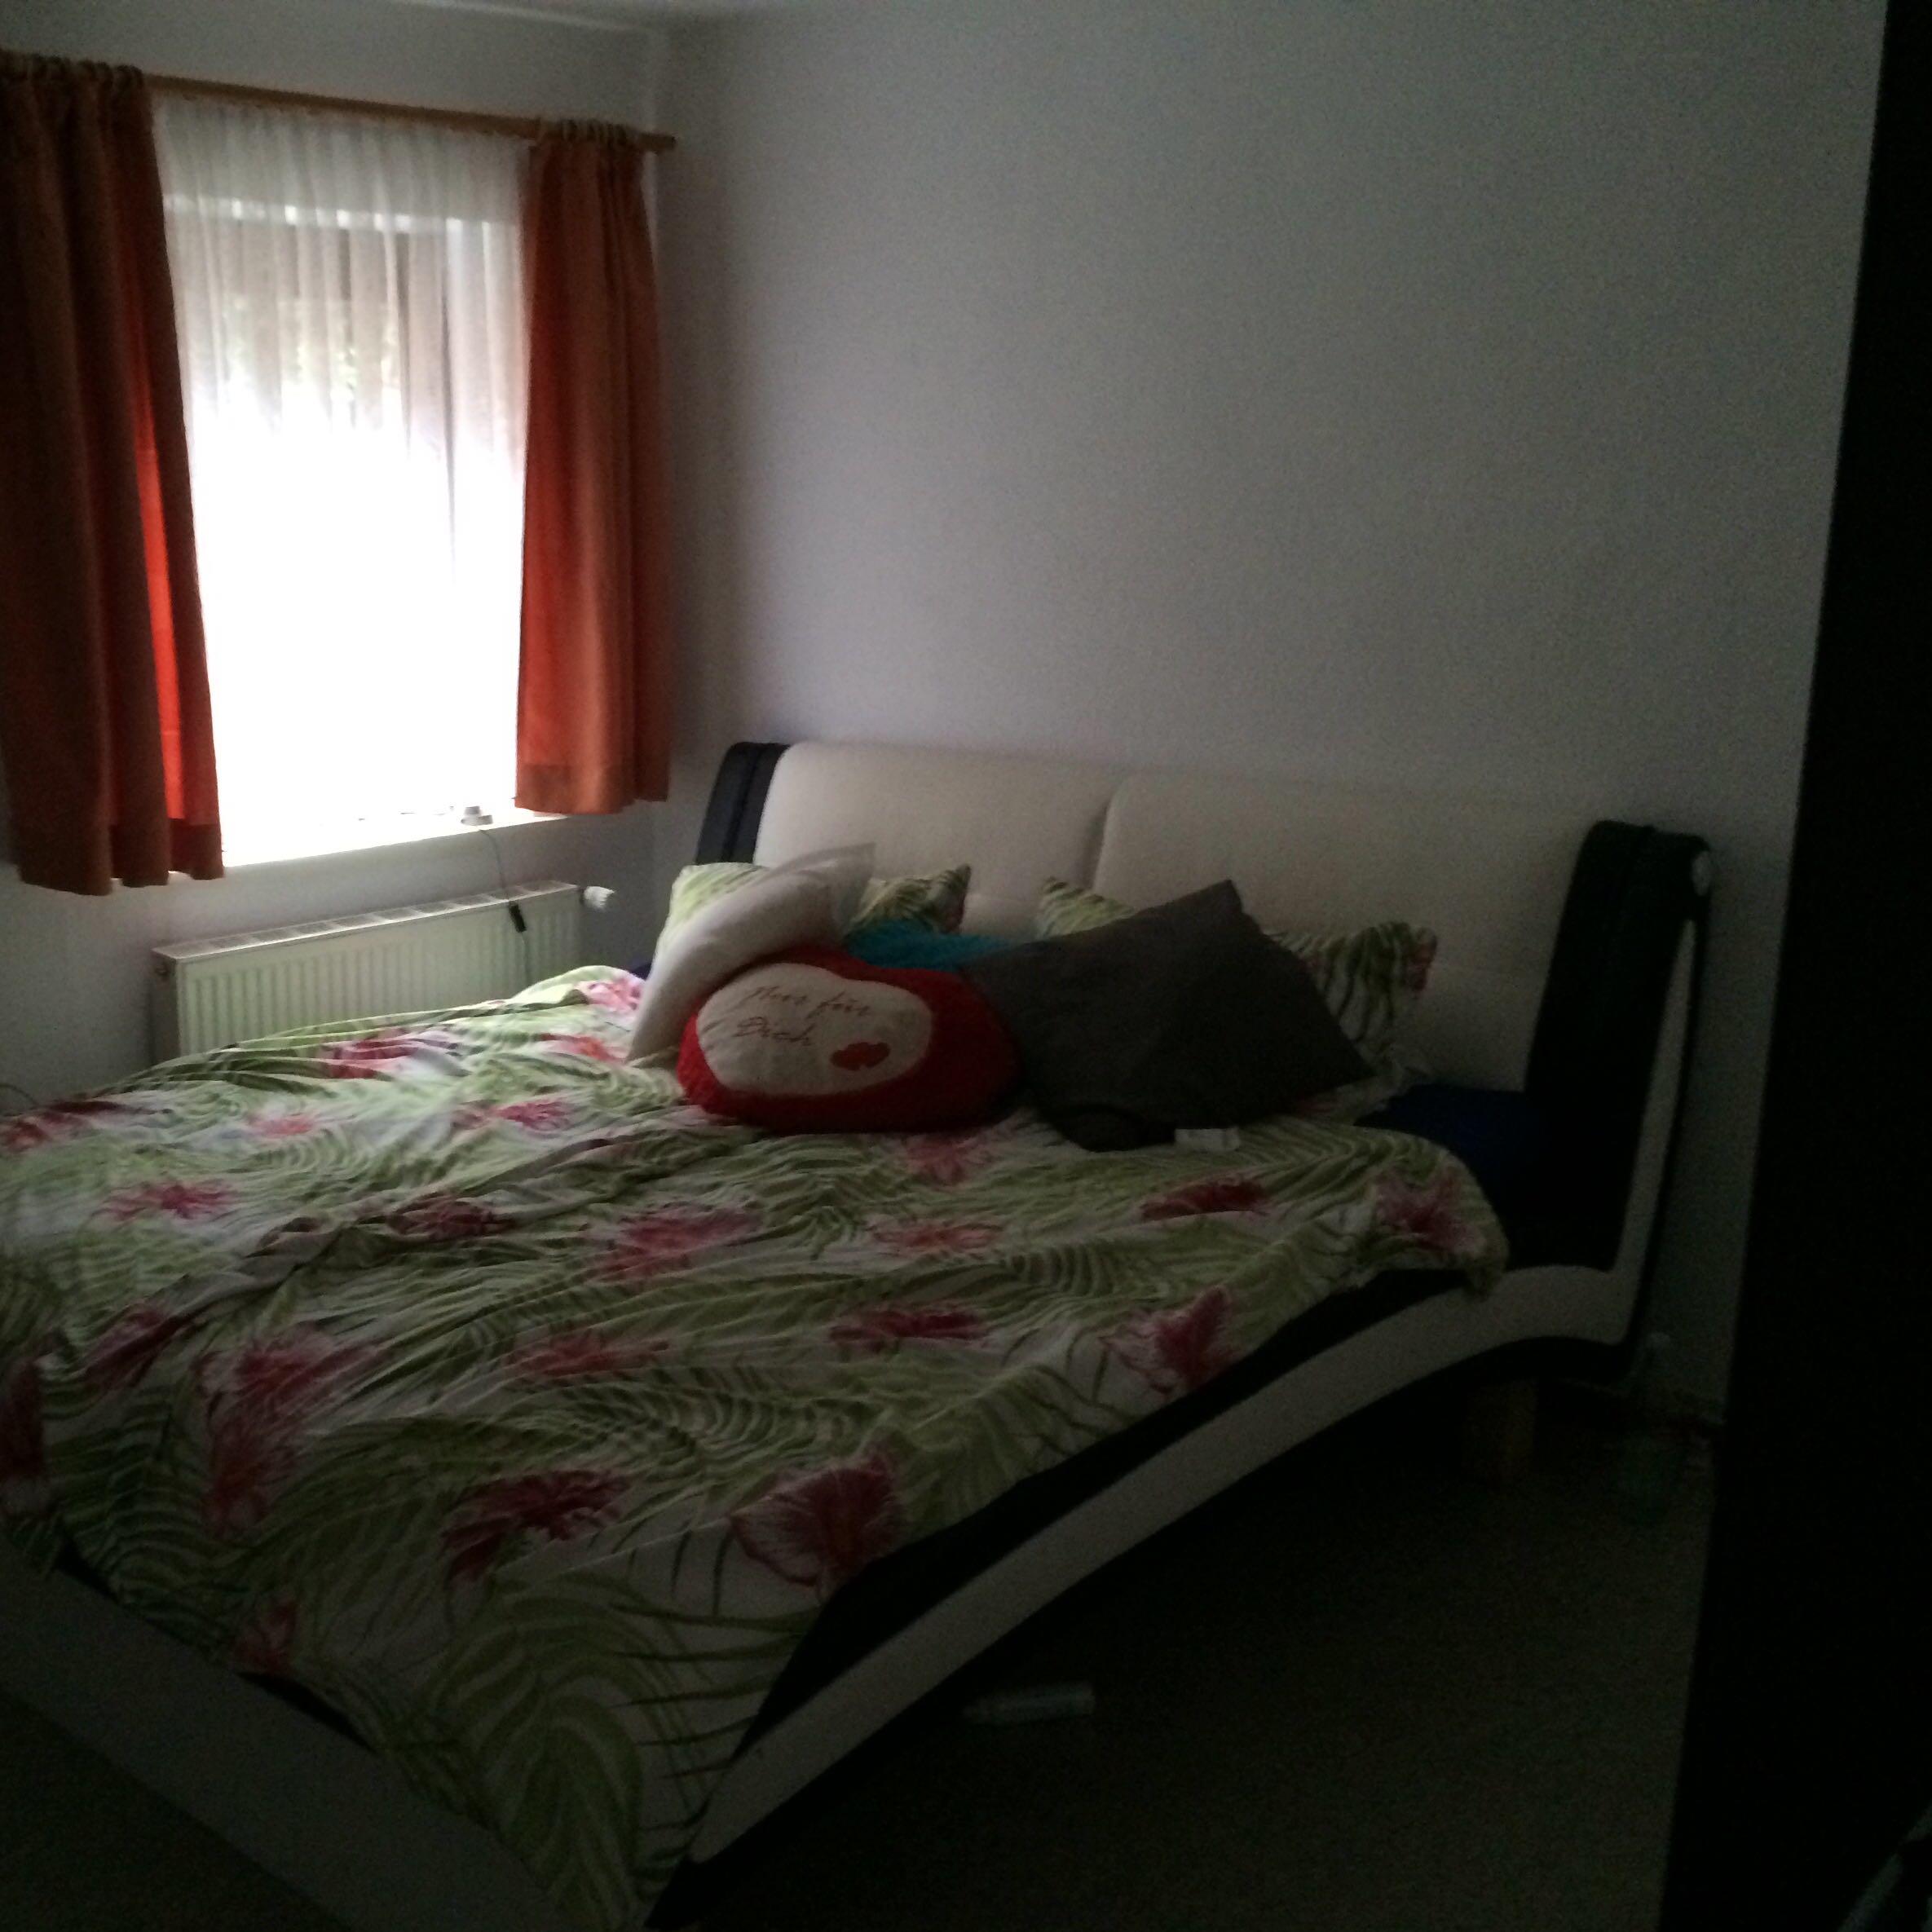 Hervorragend Schlafzimmer Verschönern With Wie Kann Ich Meine Wohnung Verschönern?  (kaufen, Tipps